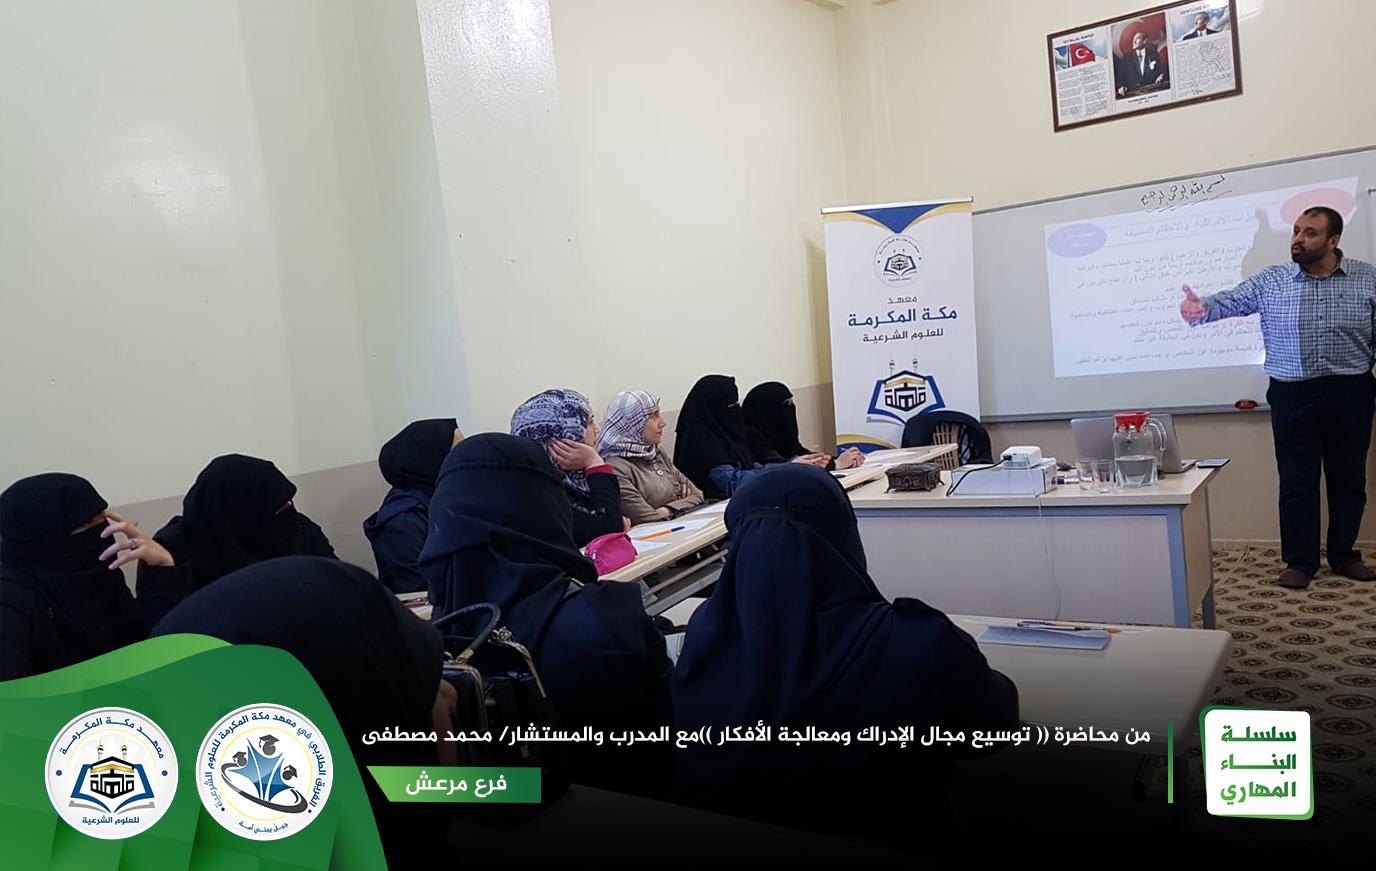 المُدِّرب محمد مصطفى (المتخصص في إدارة الموارد البشرية) يُقدم يوماً تدريبياً بعنوان《توسيع مجال الإدراك ومعالجة الأفكار》